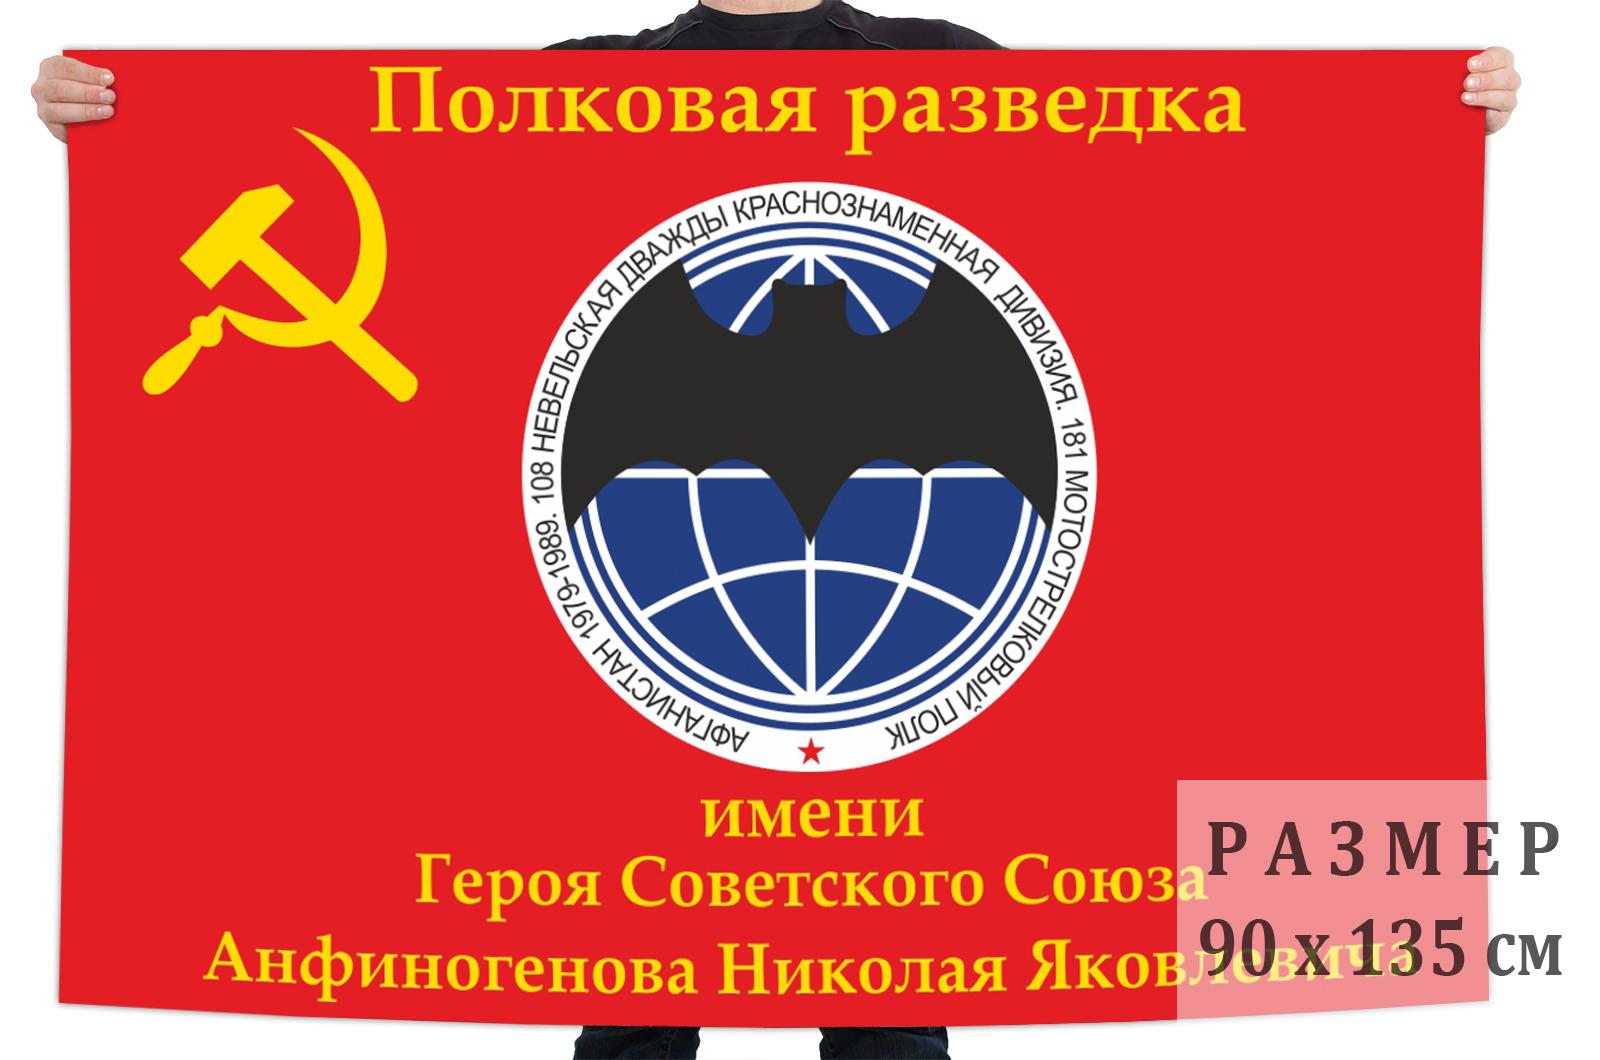 Флаг «Полковая разведка» 181 мсп 108 мсд